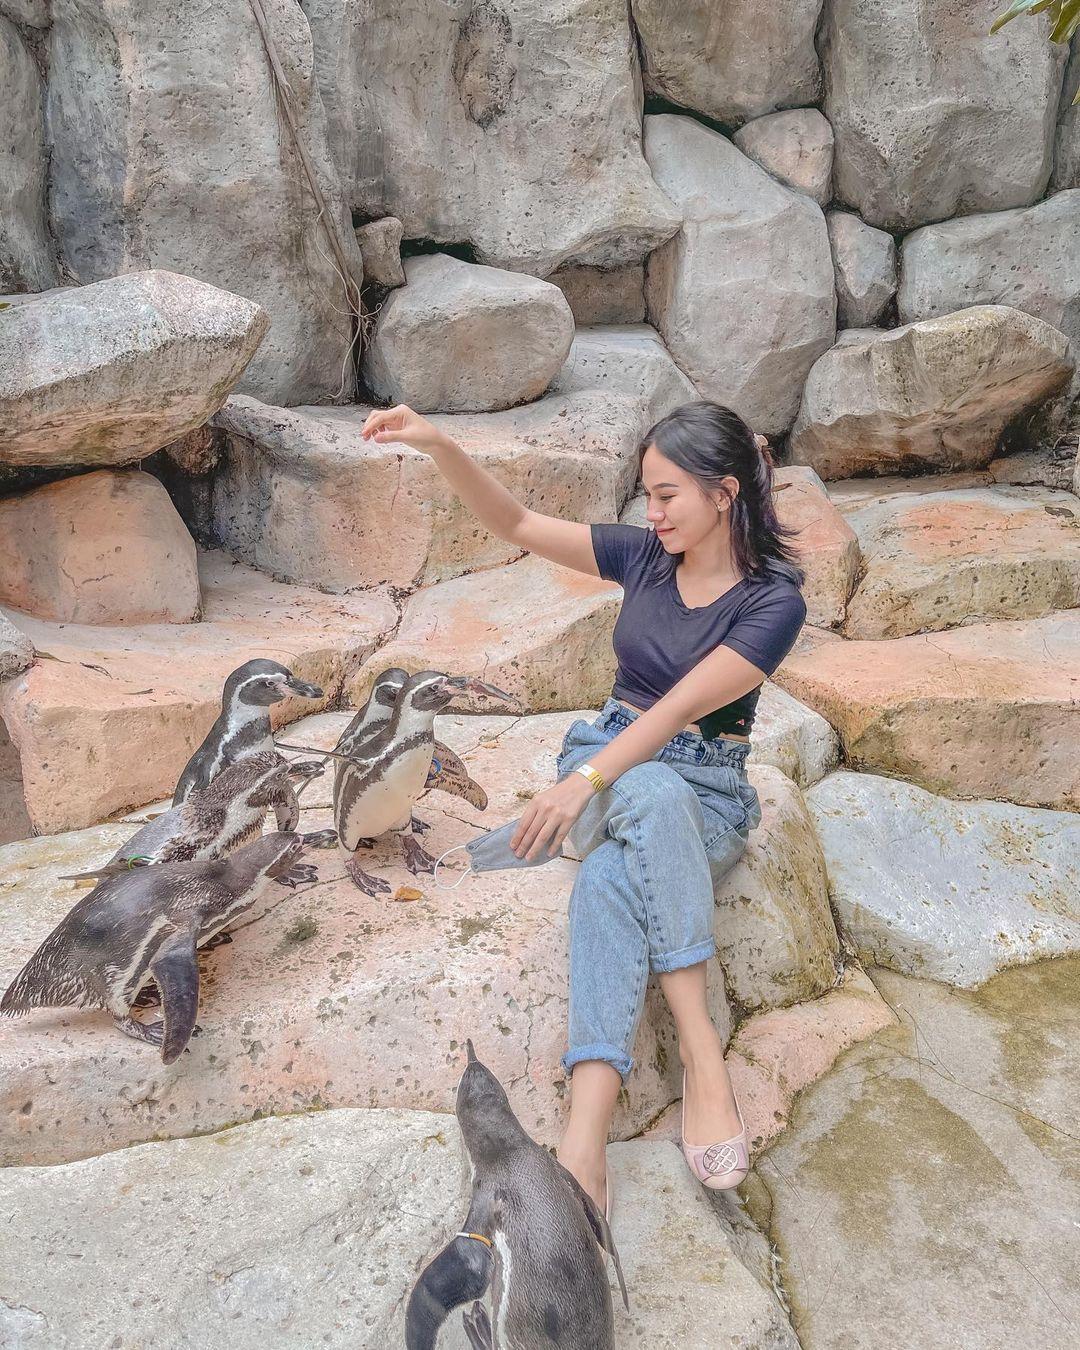 5 Tempat Wisata di Bogor yang Cocok untuk Berakhir Pekan, Dijamin Seru - Foto 1